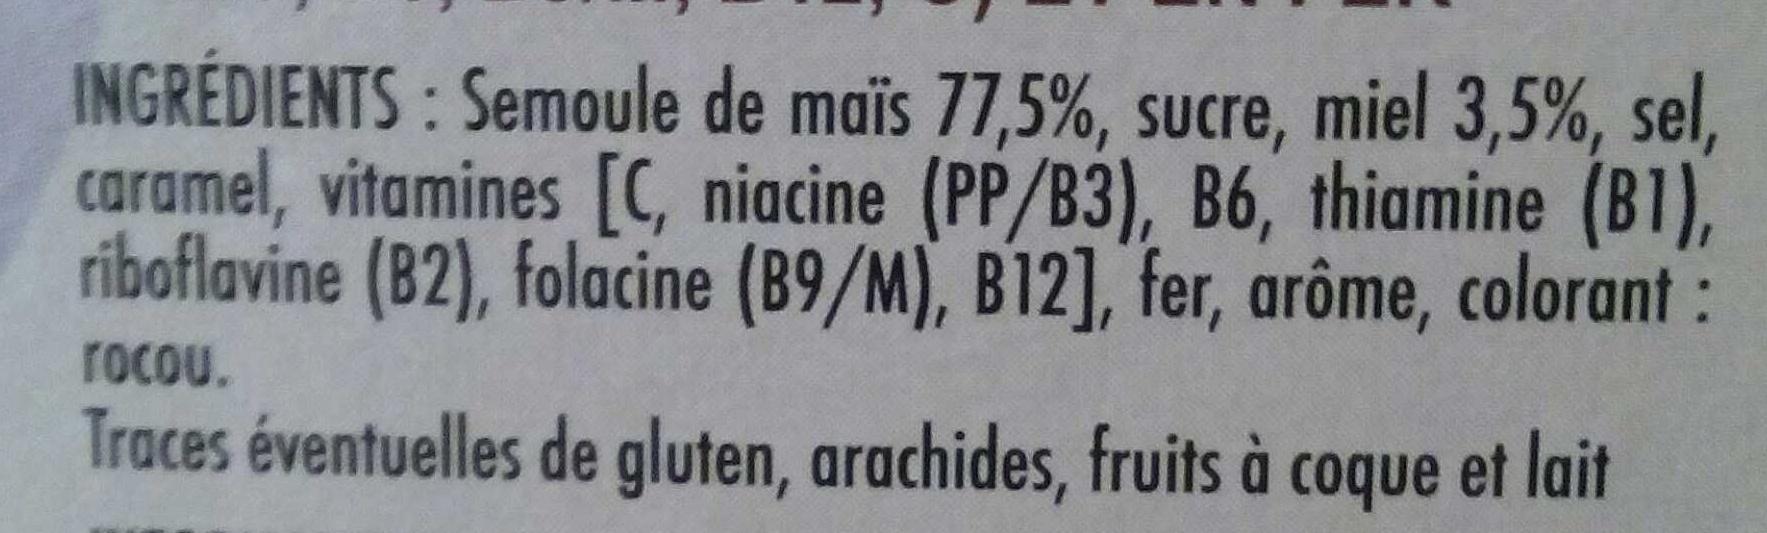 Céréales miélak au miel - Ingredients - fr